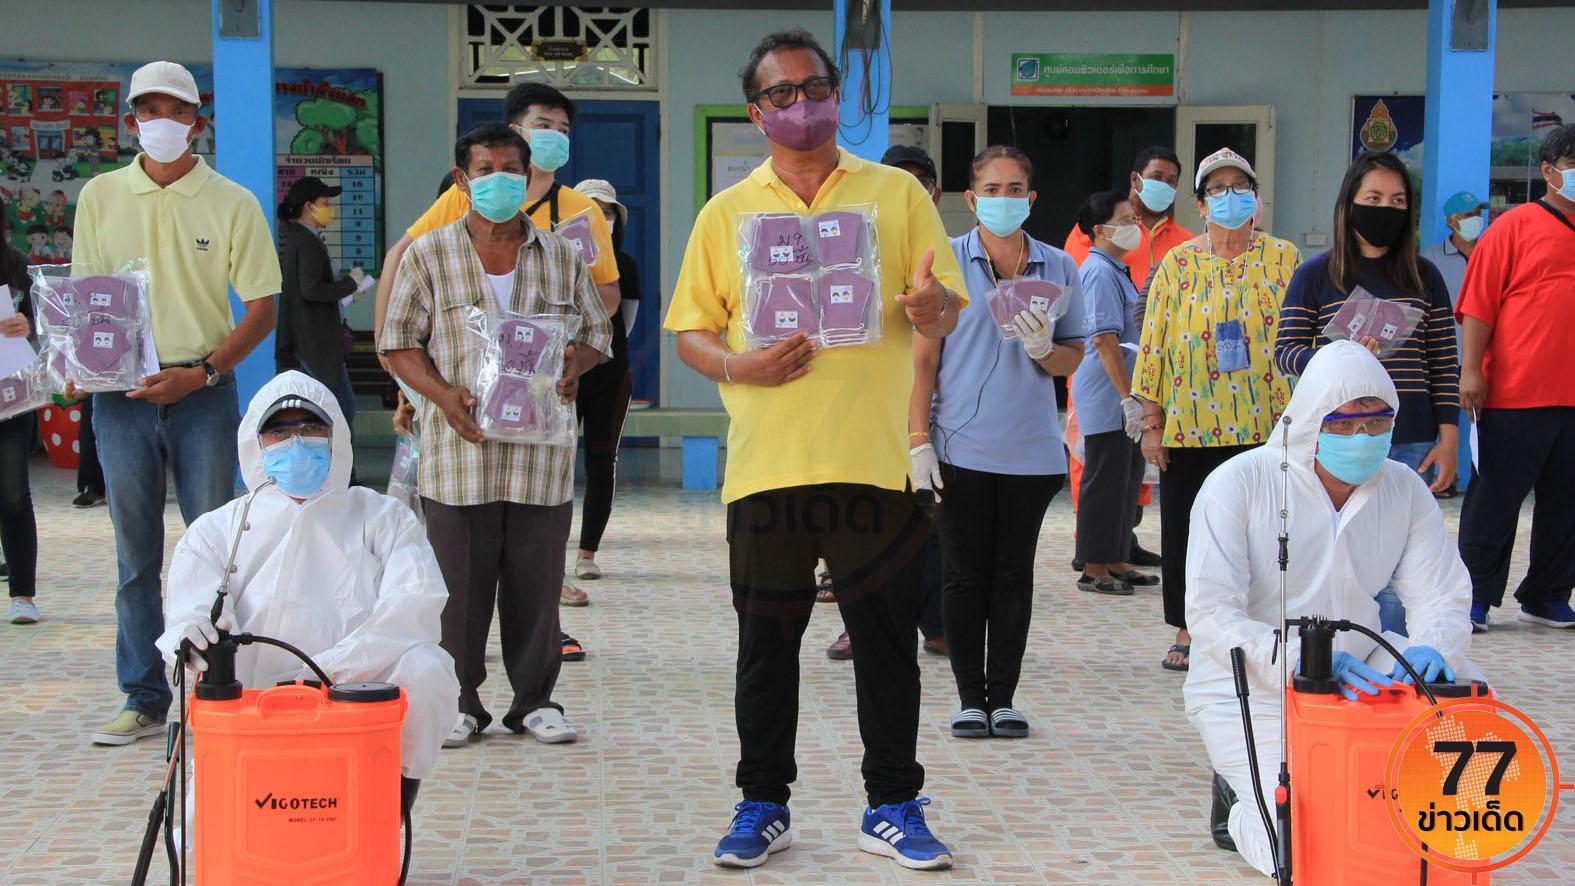 อบต.บางน้ำผึ้ง ลุยฉีดพ่นยาฆ่าเชื้อในโรงเรียน วัด และ ชุมชน พร้อมลงชุมชนแจกหน้ากากผ้า